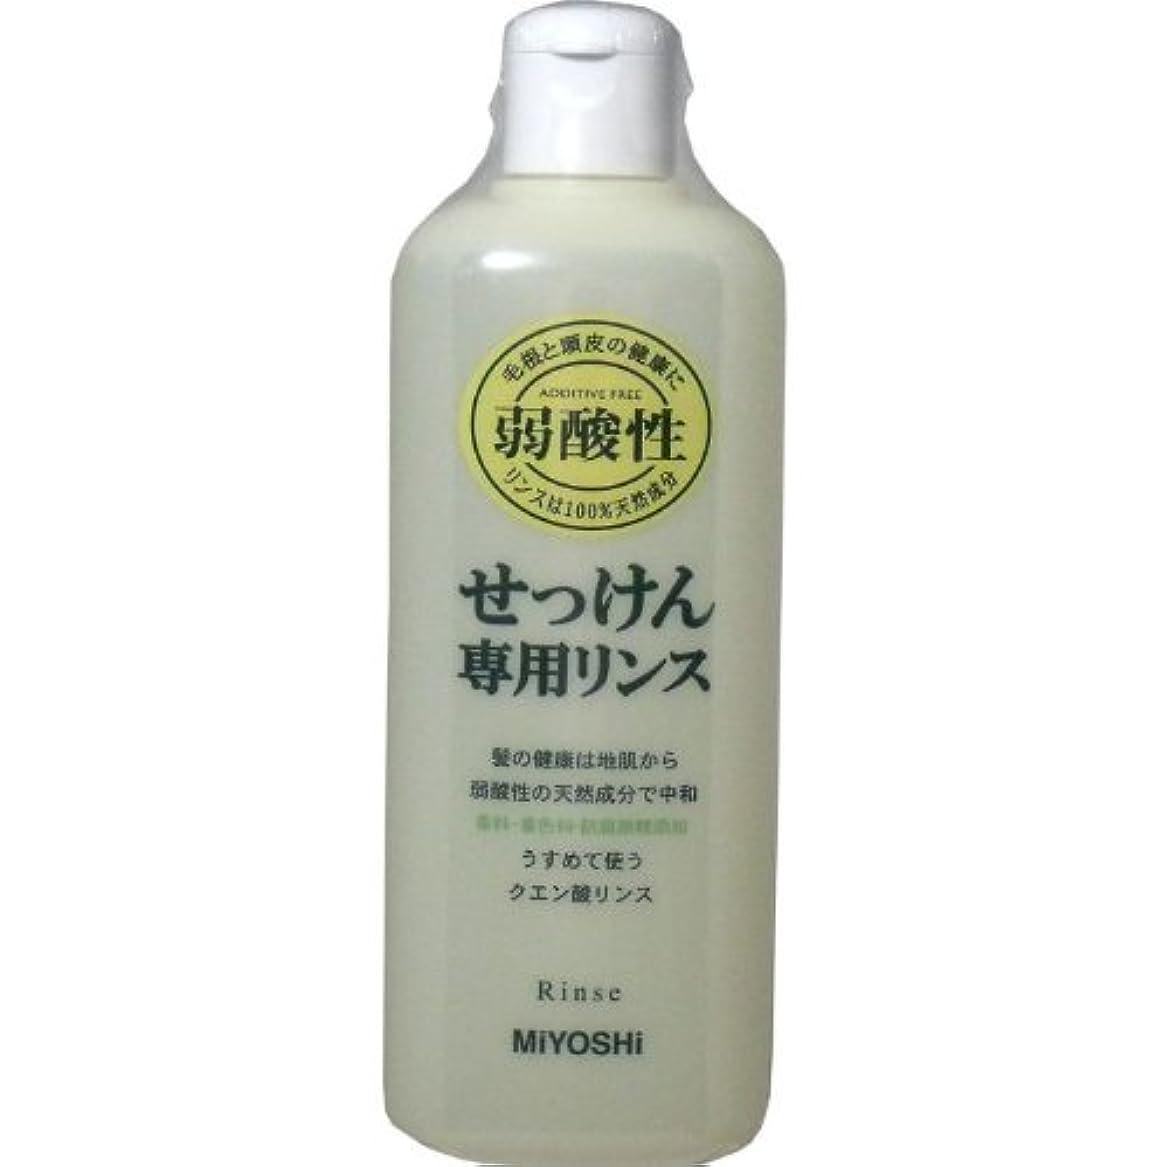 髪の健康は地肌から、弱酸性の天然成分で中和!!香料、防腐剤、着色料無添加!うすめて使うクエン酸リンス!リンス 350mL【4個セット】